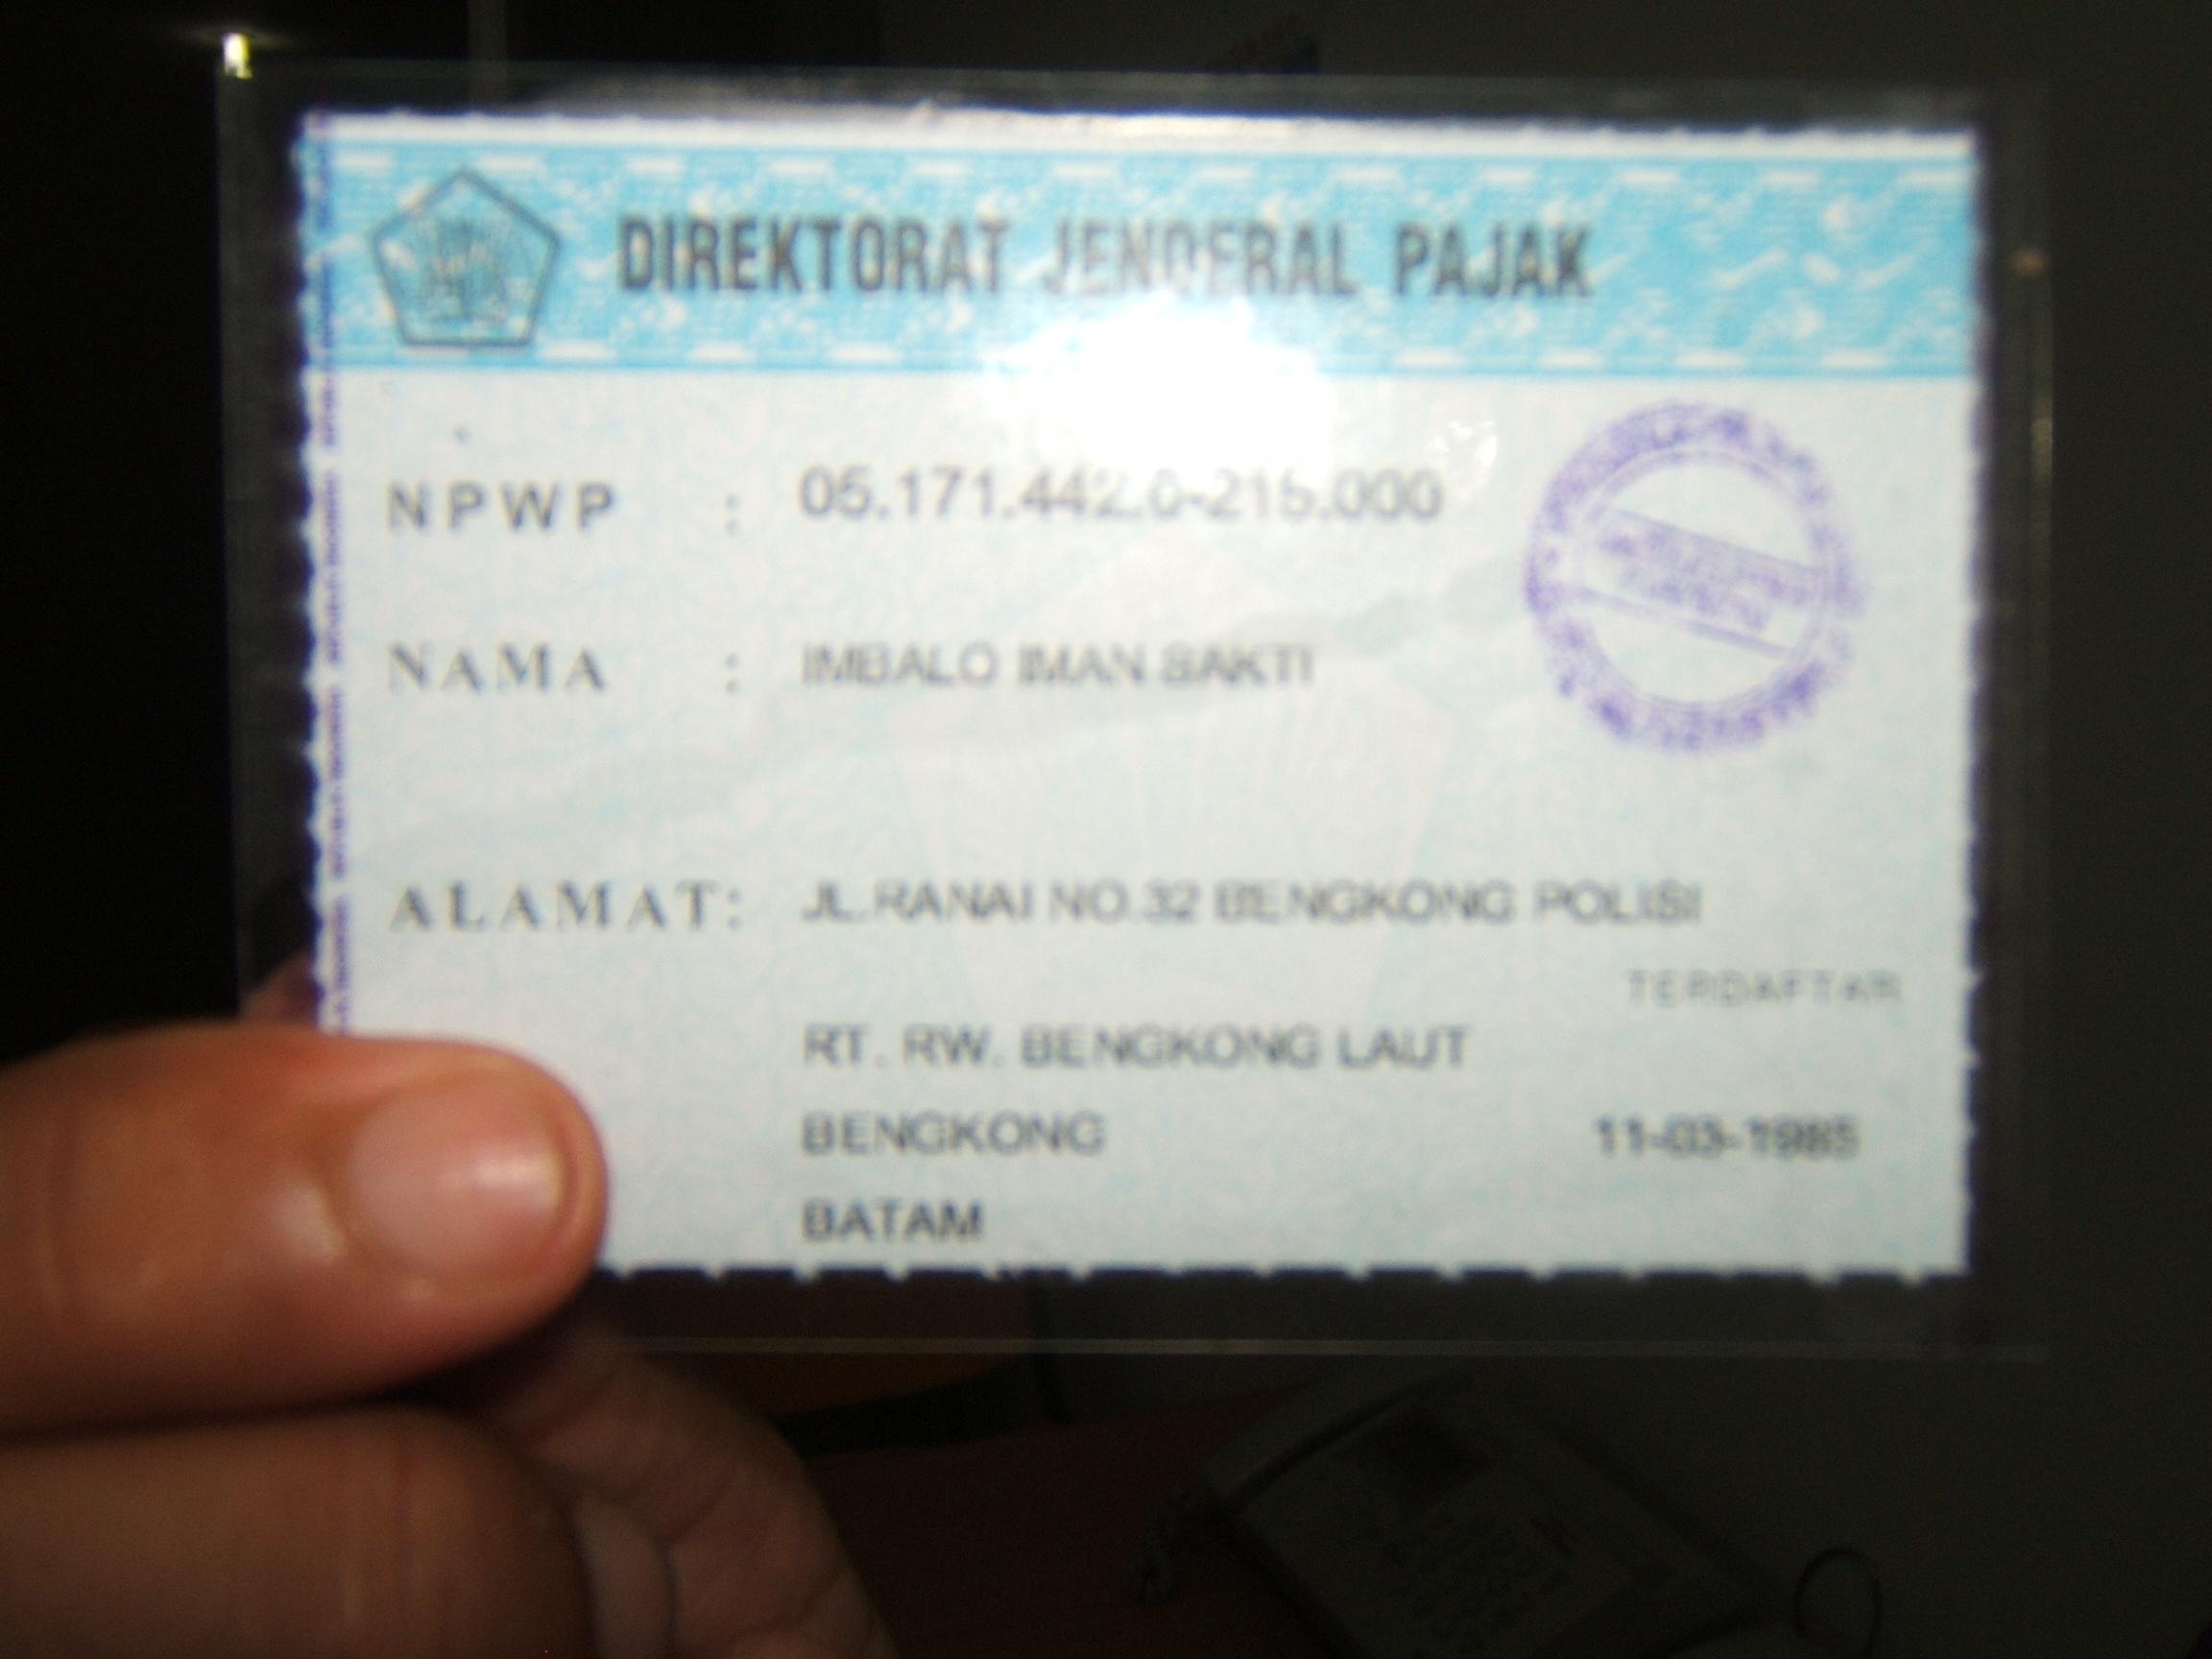 Nih kartu NPWP ku, sejak 1985 sudah punya lho no. 05.171.442.6-215.00